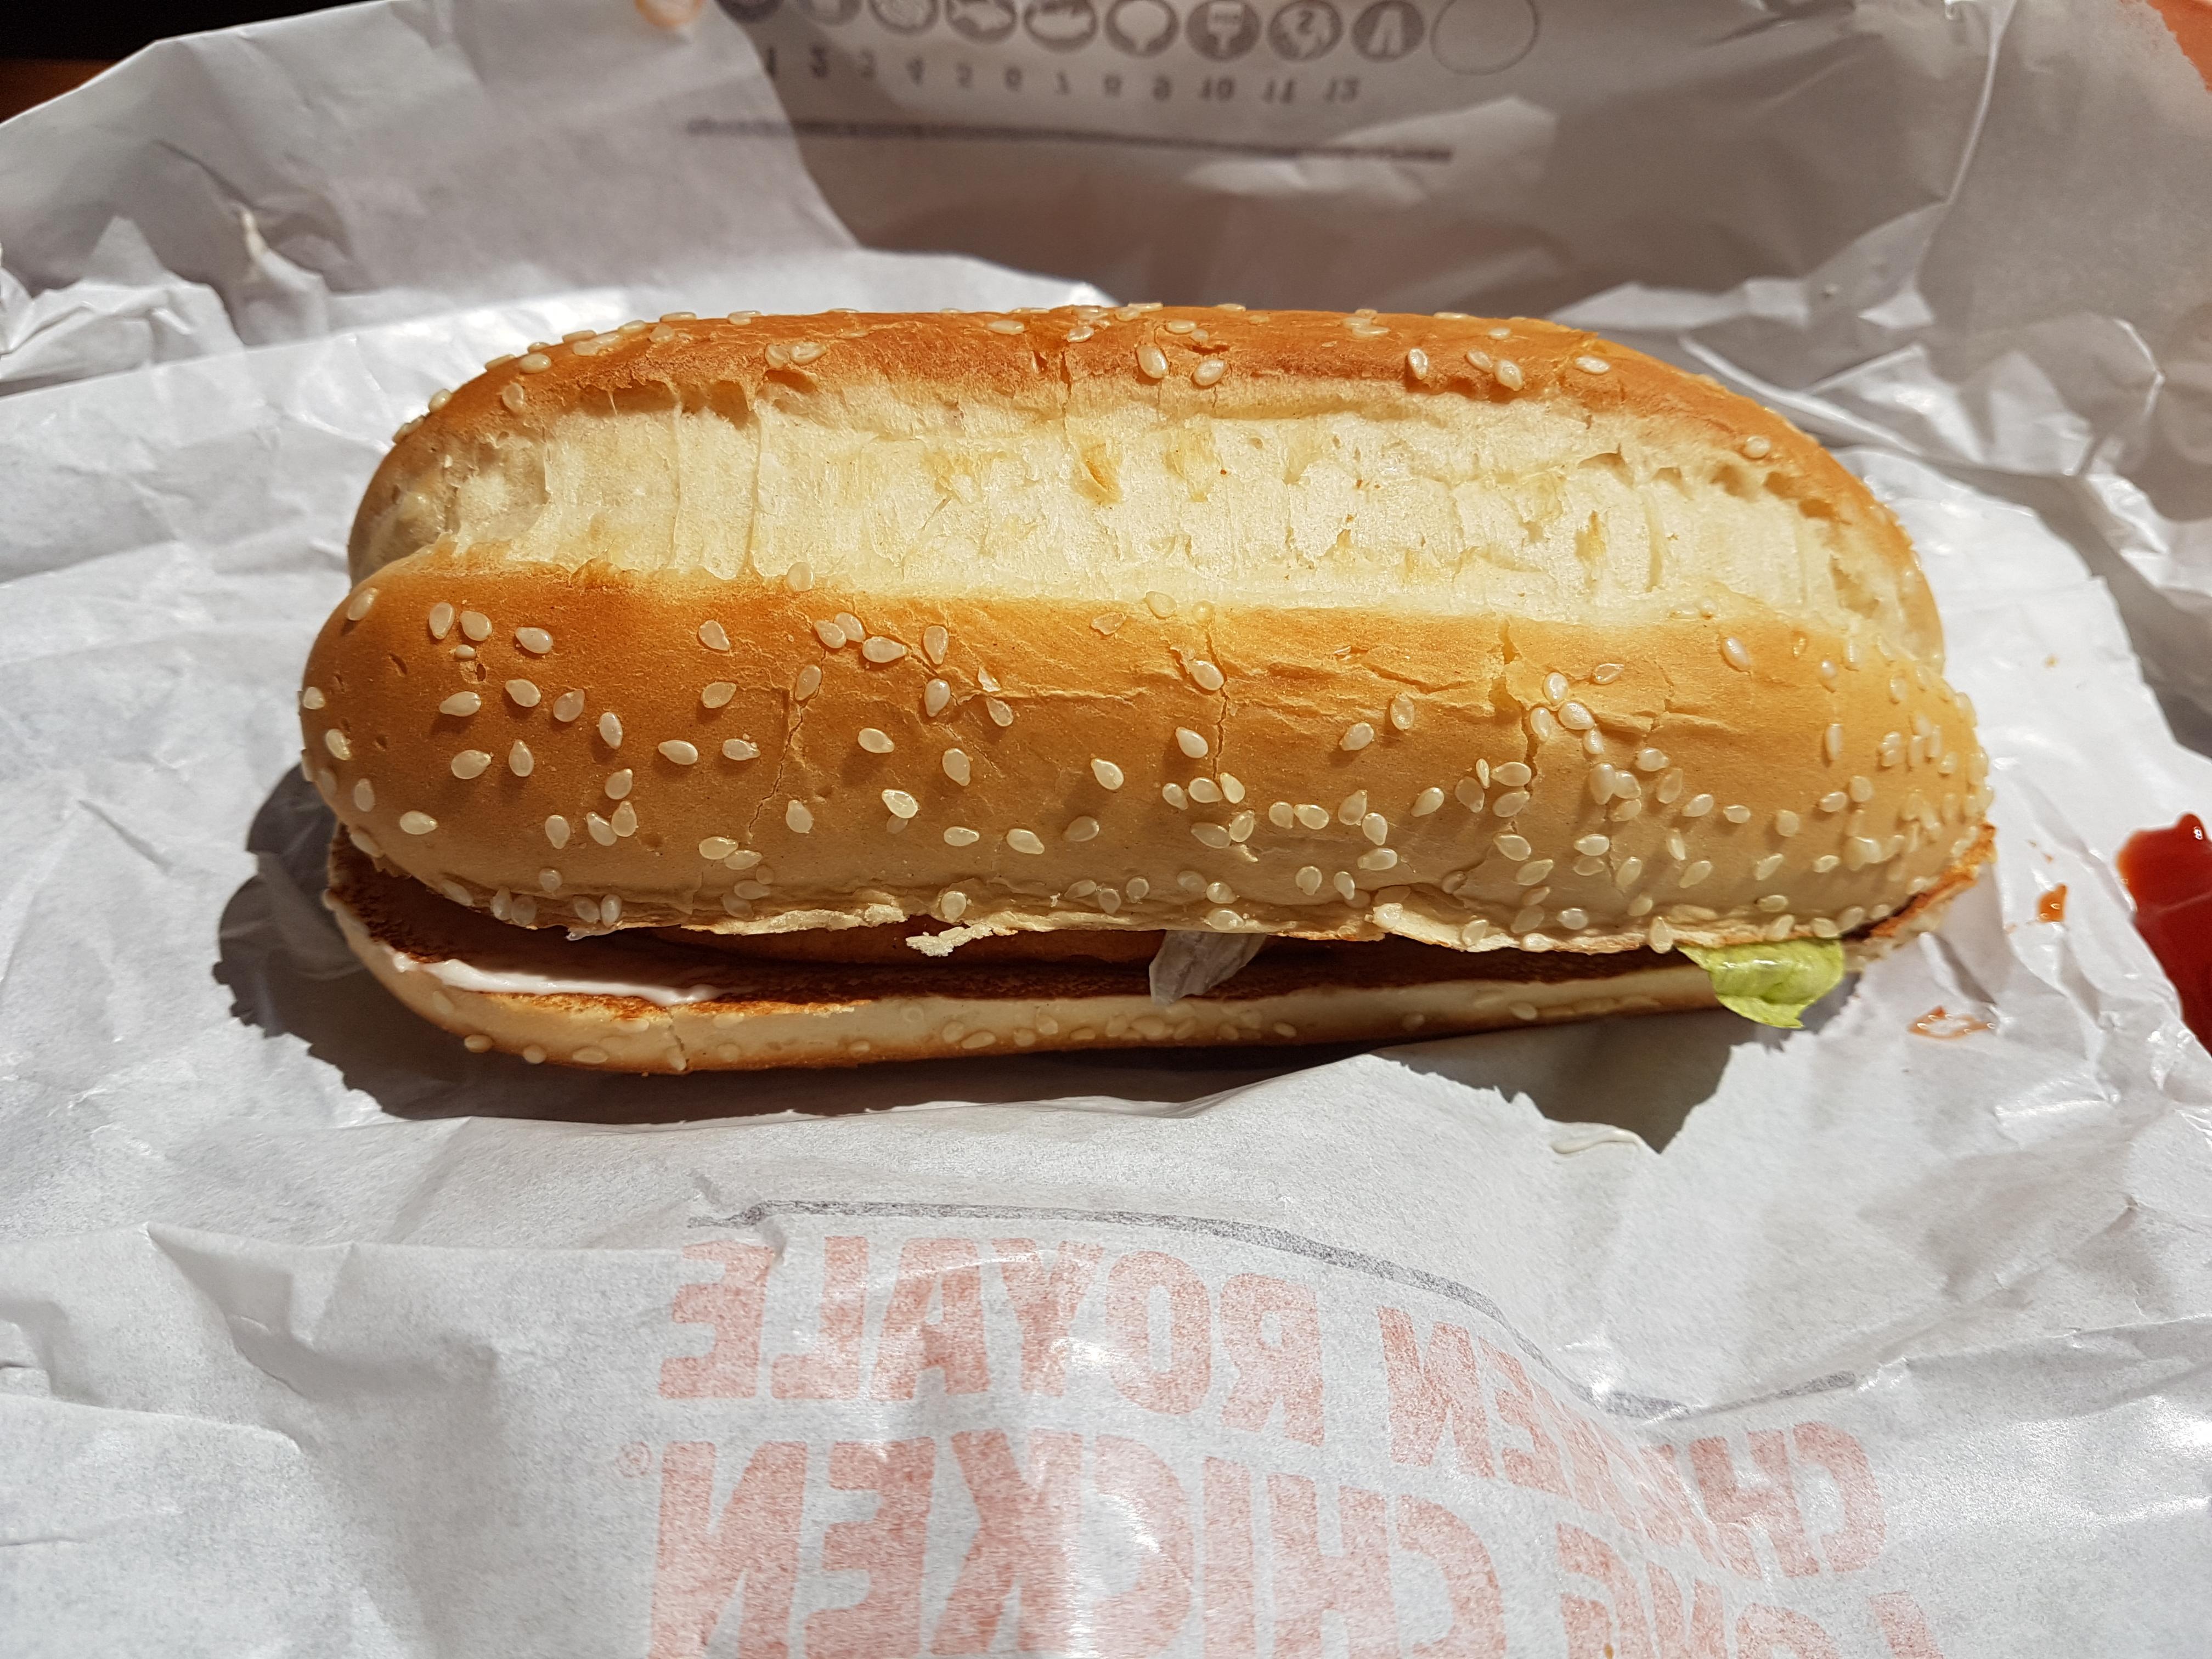 http://foodloader.net/Holz_2018-04-20_Burger_King.jpg